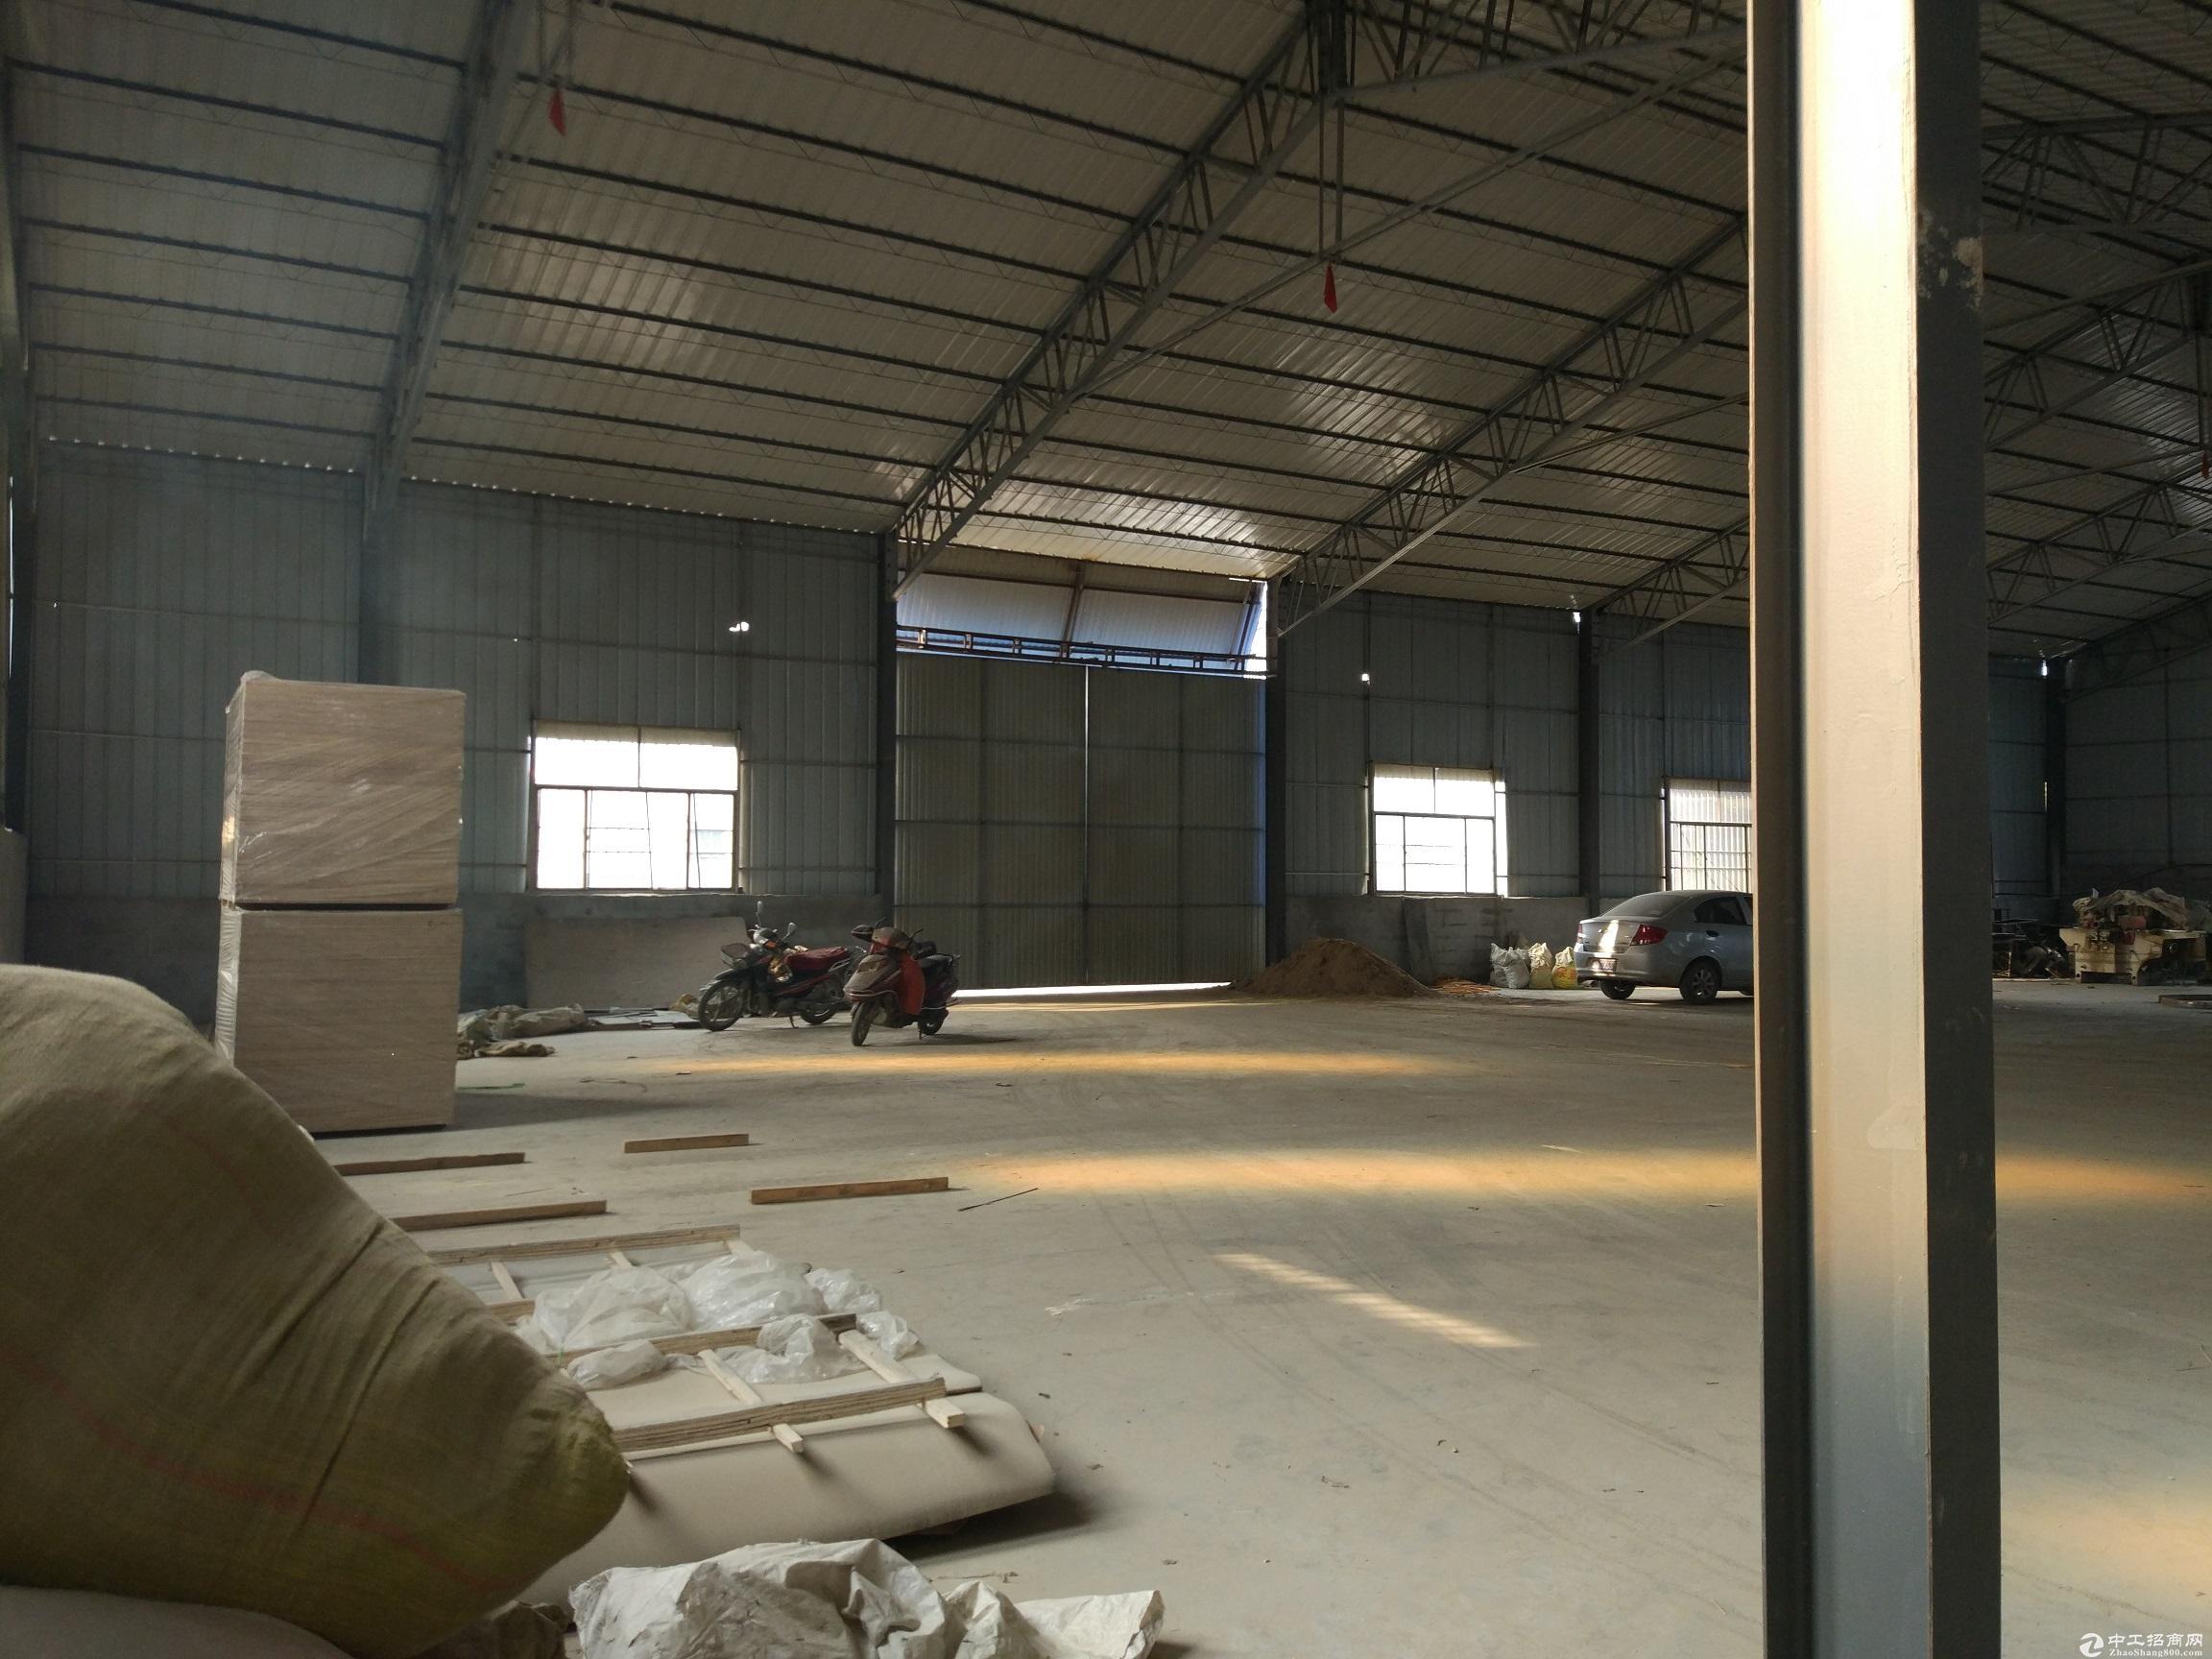 临沂兰山区义堂镇新建2000-3000平米标准钢结构厂房出租